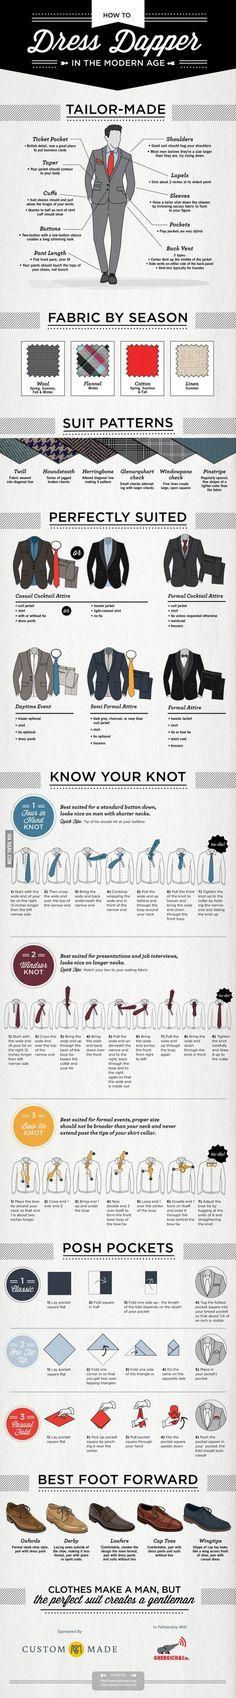 How to Dress Dapper In the Modern Age - http://raddestlooks.org/?utm_content=buffer6e560&utm_medium=social&utm_source=pinterest.com&utm_campaign=buffer